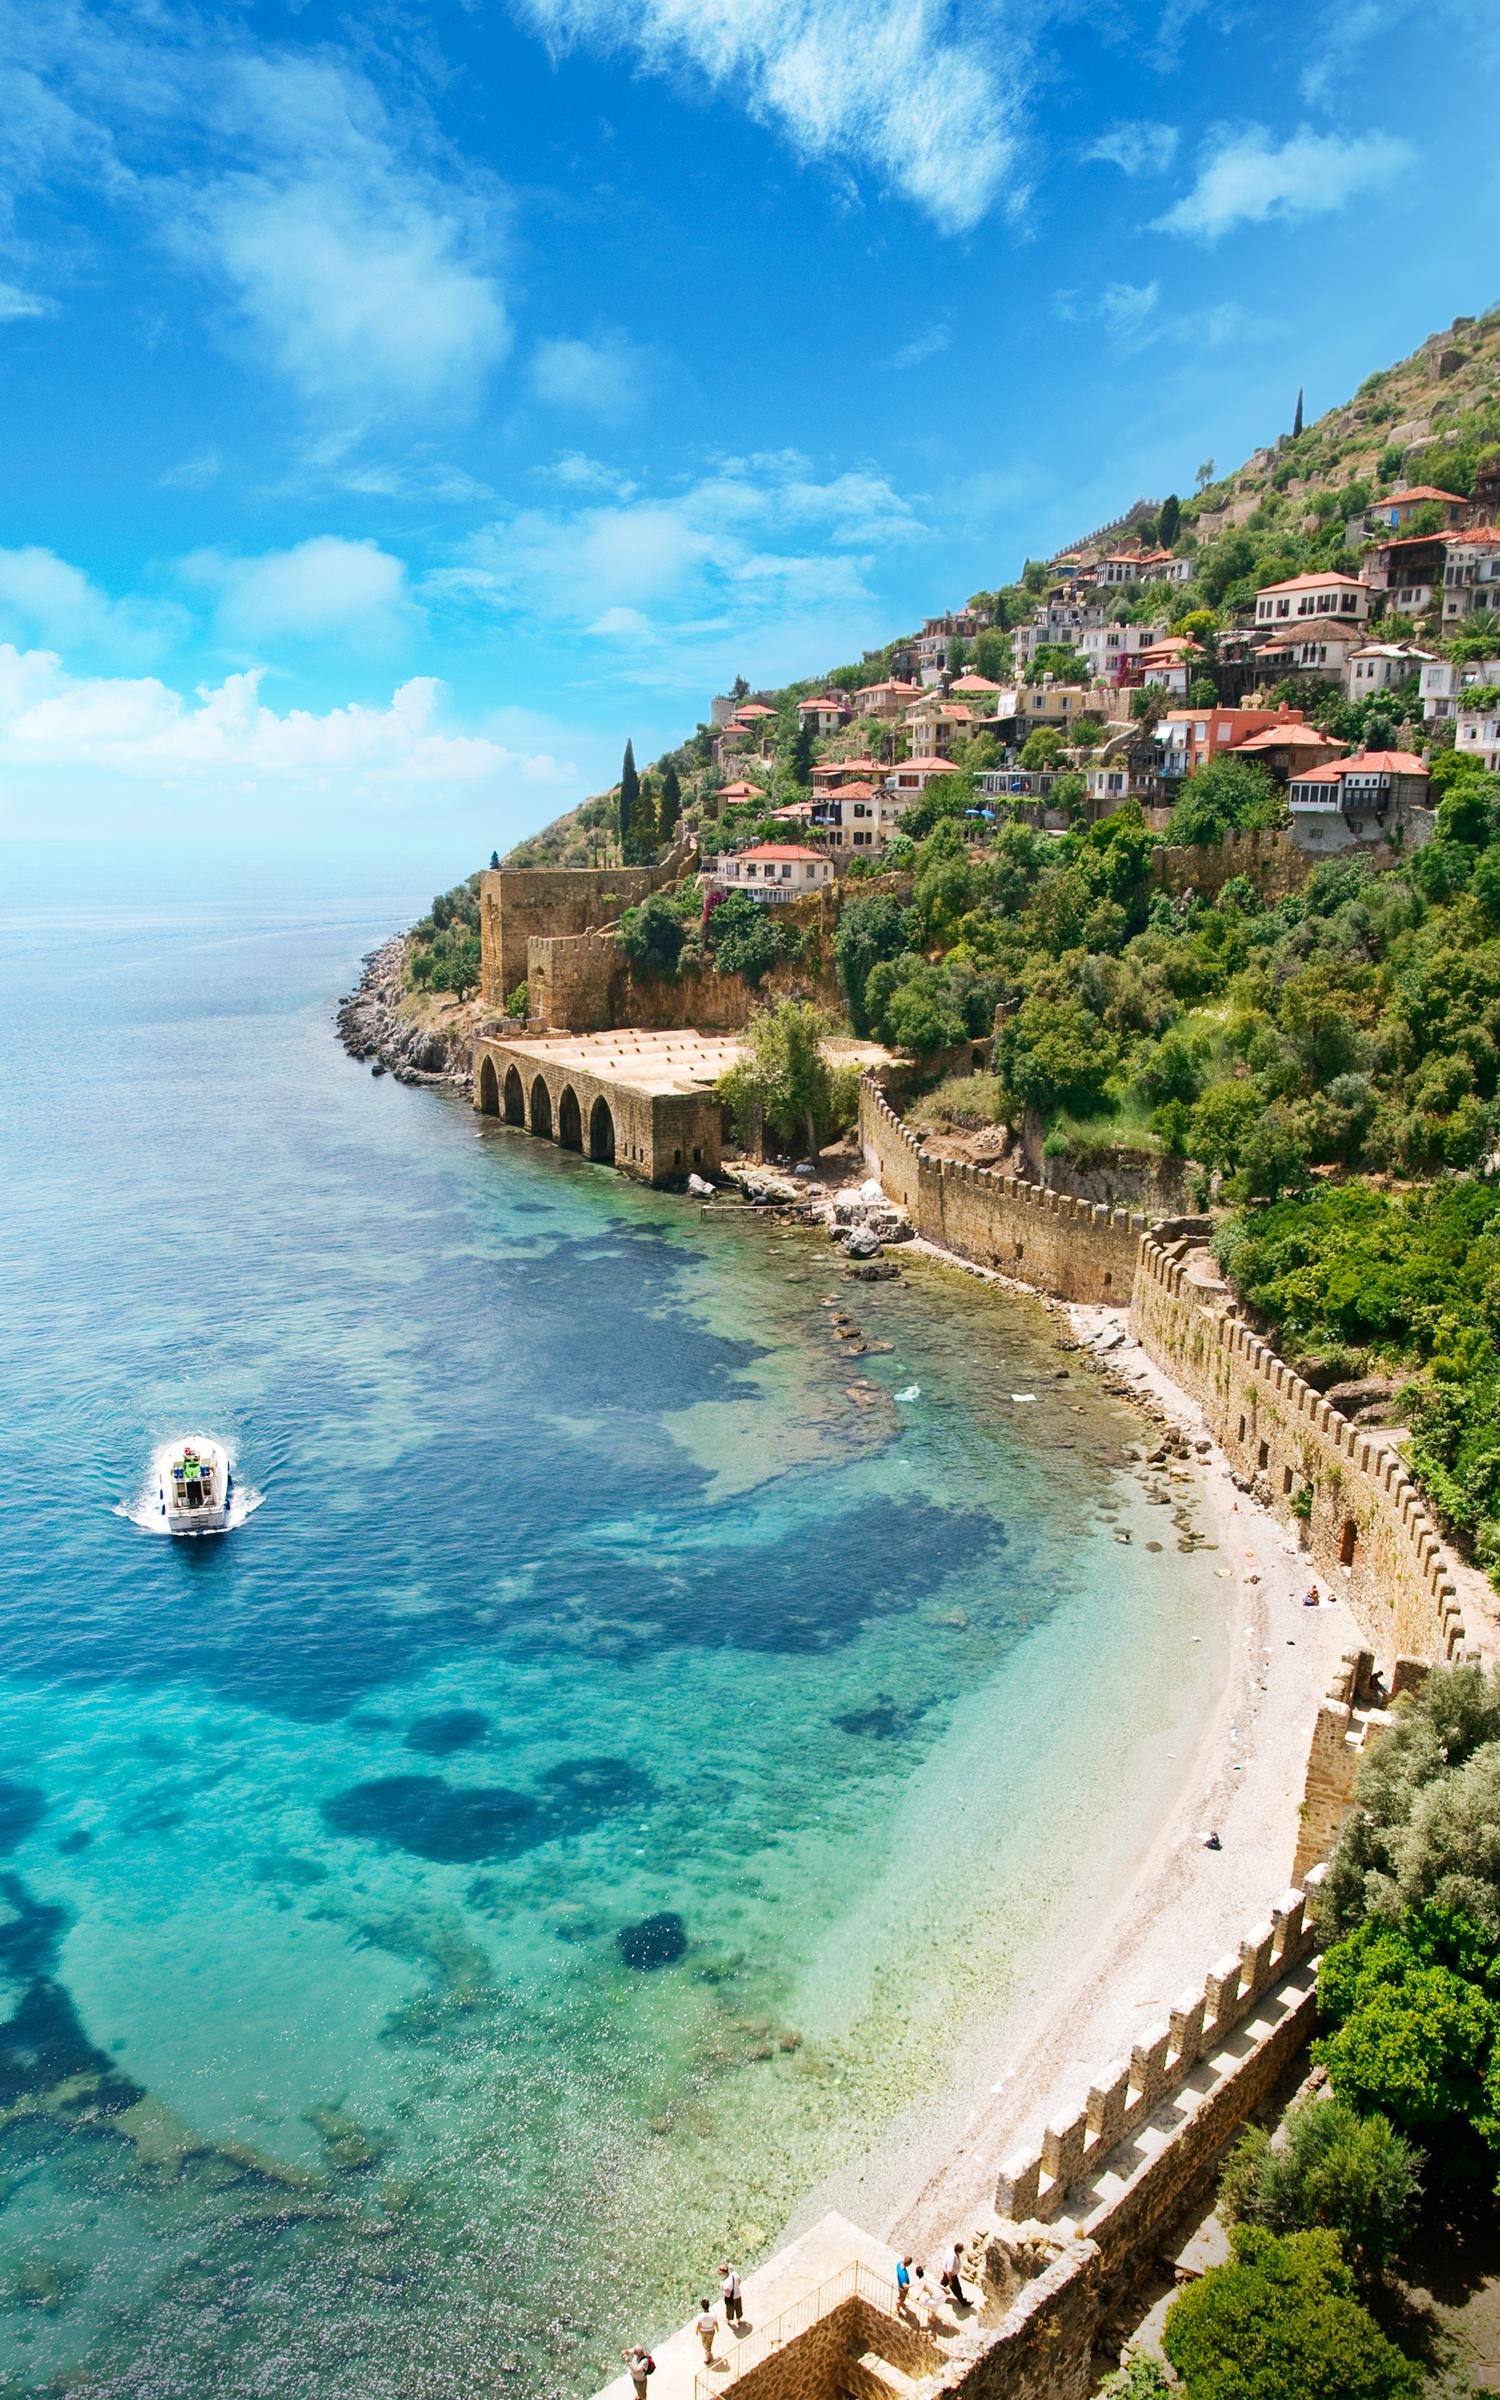 Forteresse d'Alanya, région méditerranéenne